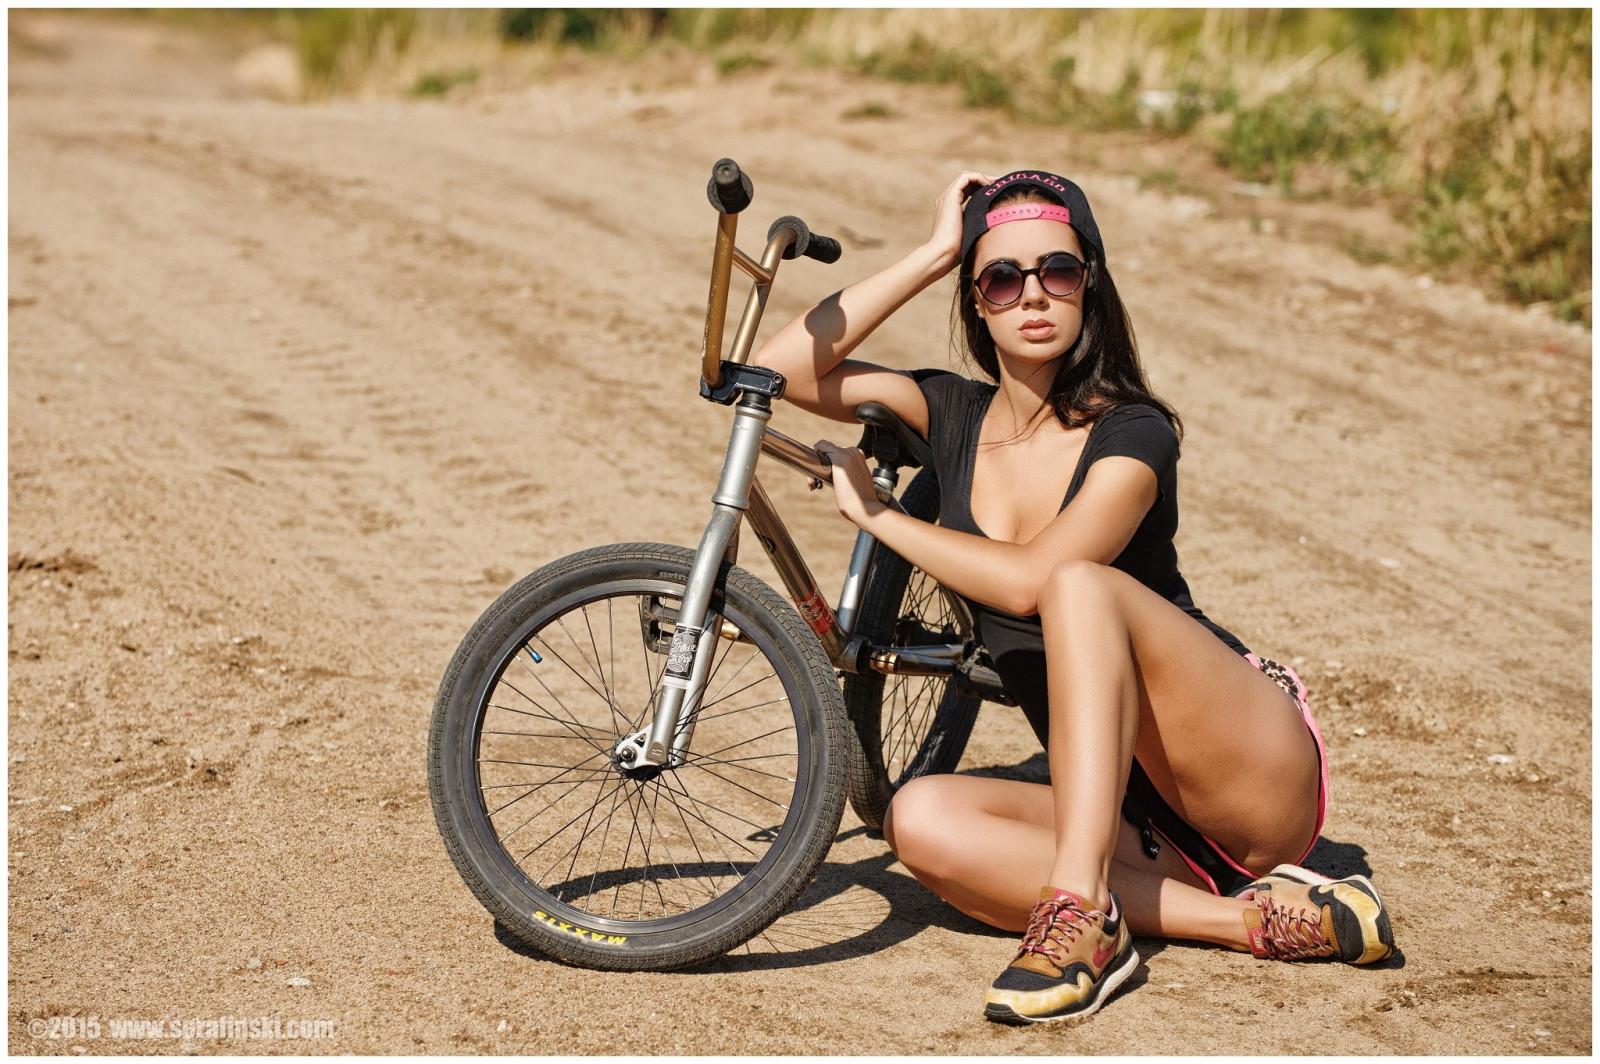 Mulheres ao ar livre mulheres Mulheres com óculos bicicleta sentado veículo Bonés de beisebol tênis Mulheres com bicicletas ciclismo equipamentos esportivos Veículo terrestre Ciclismo de estrada bicicleta de montanha Esporte de ciclo Mountain bike